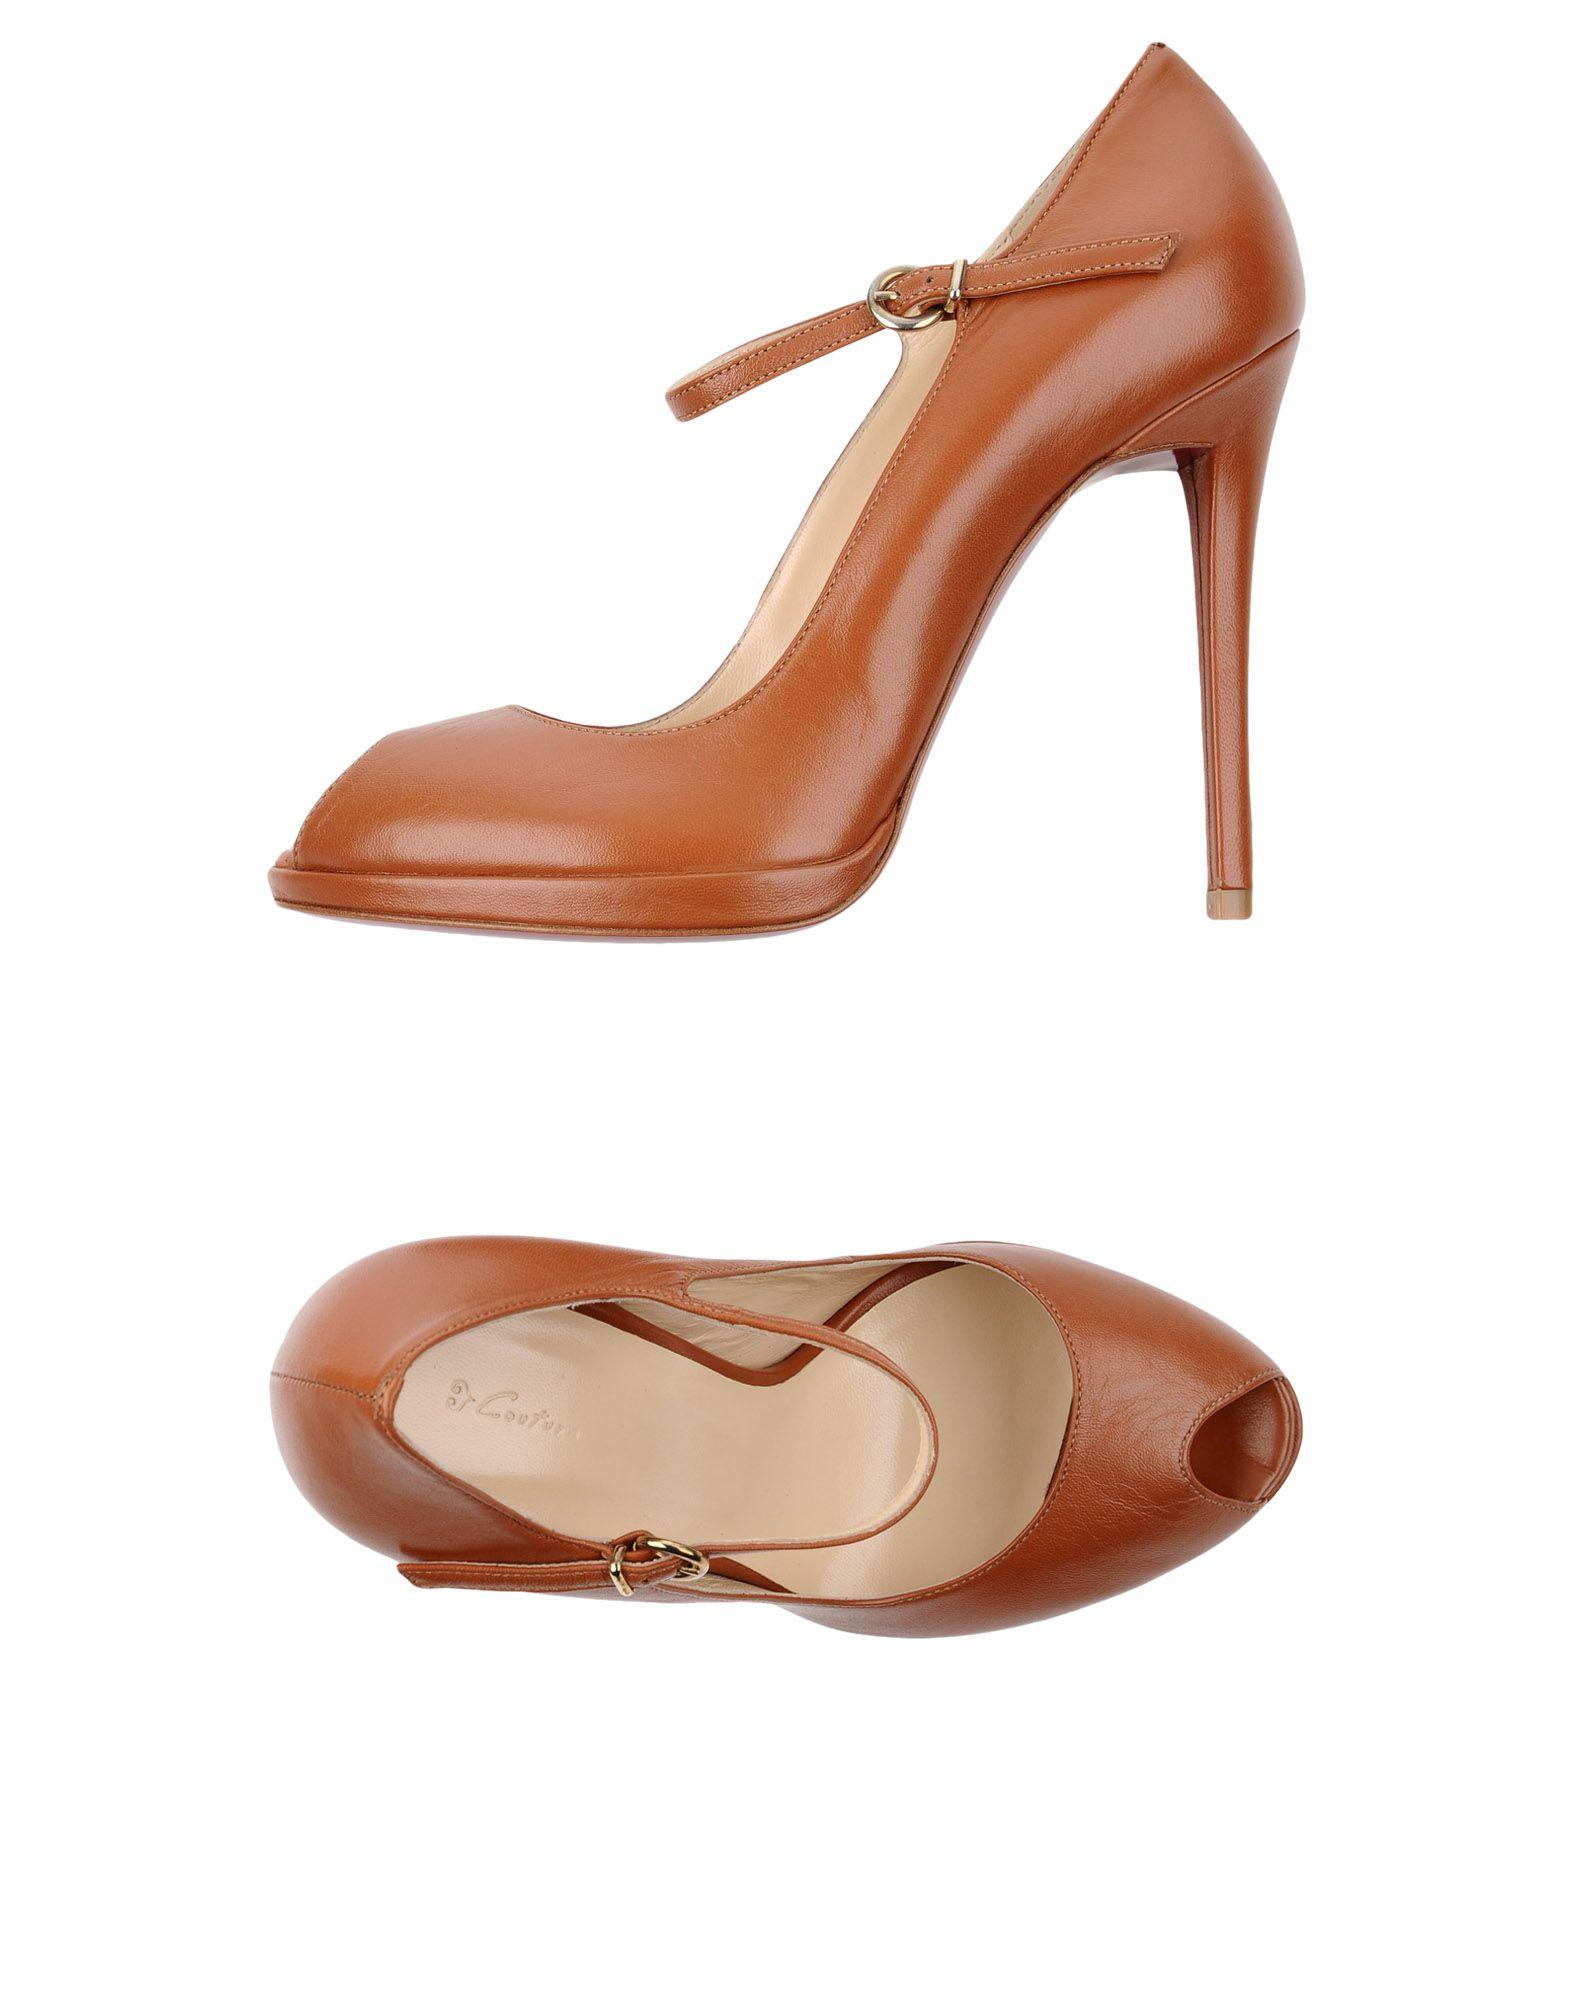 Couture sich Pumps Damen Gutes Preis-Leistungs-Verhältnis, es lohnt sich Couture 9206ca